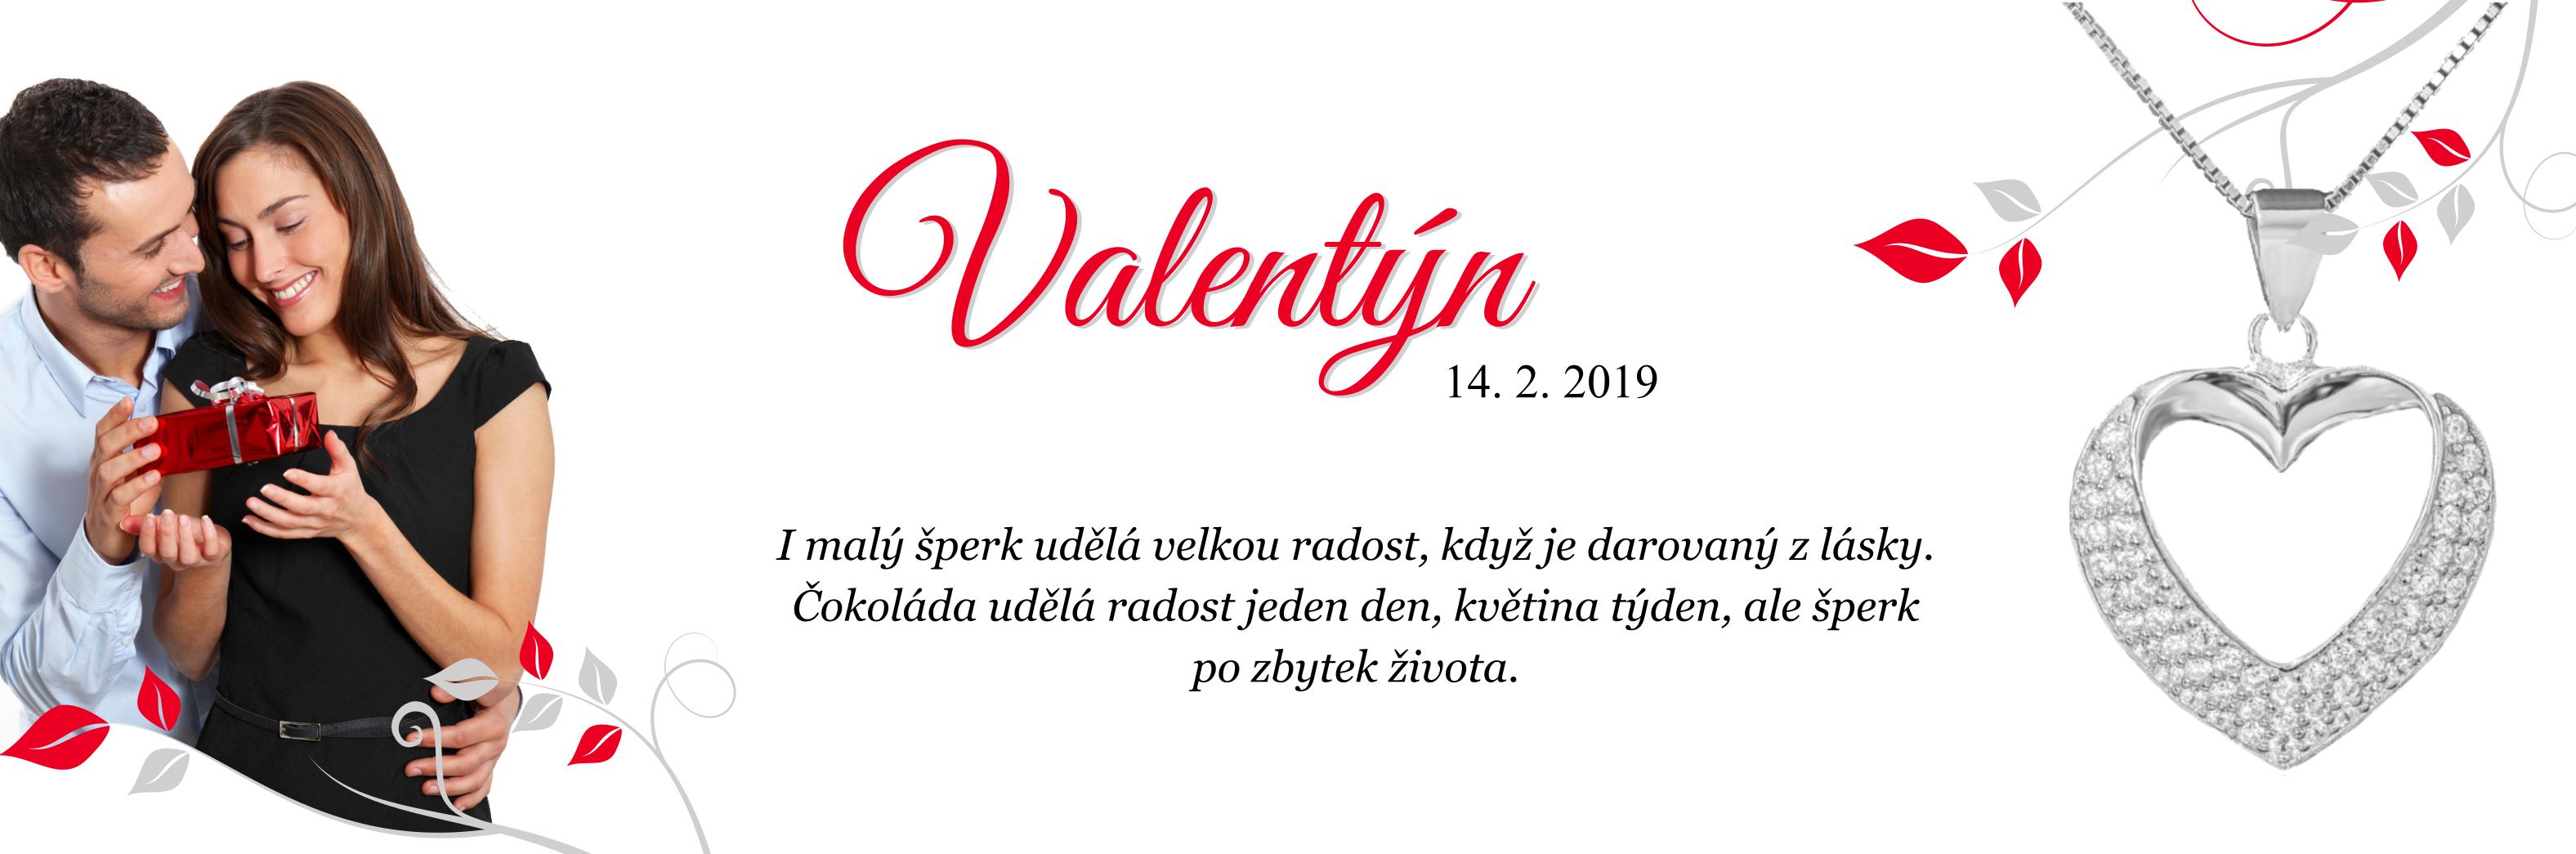 Valentýn - čokoláda uděla radost jeden den, květina týden, ale šperk navždy